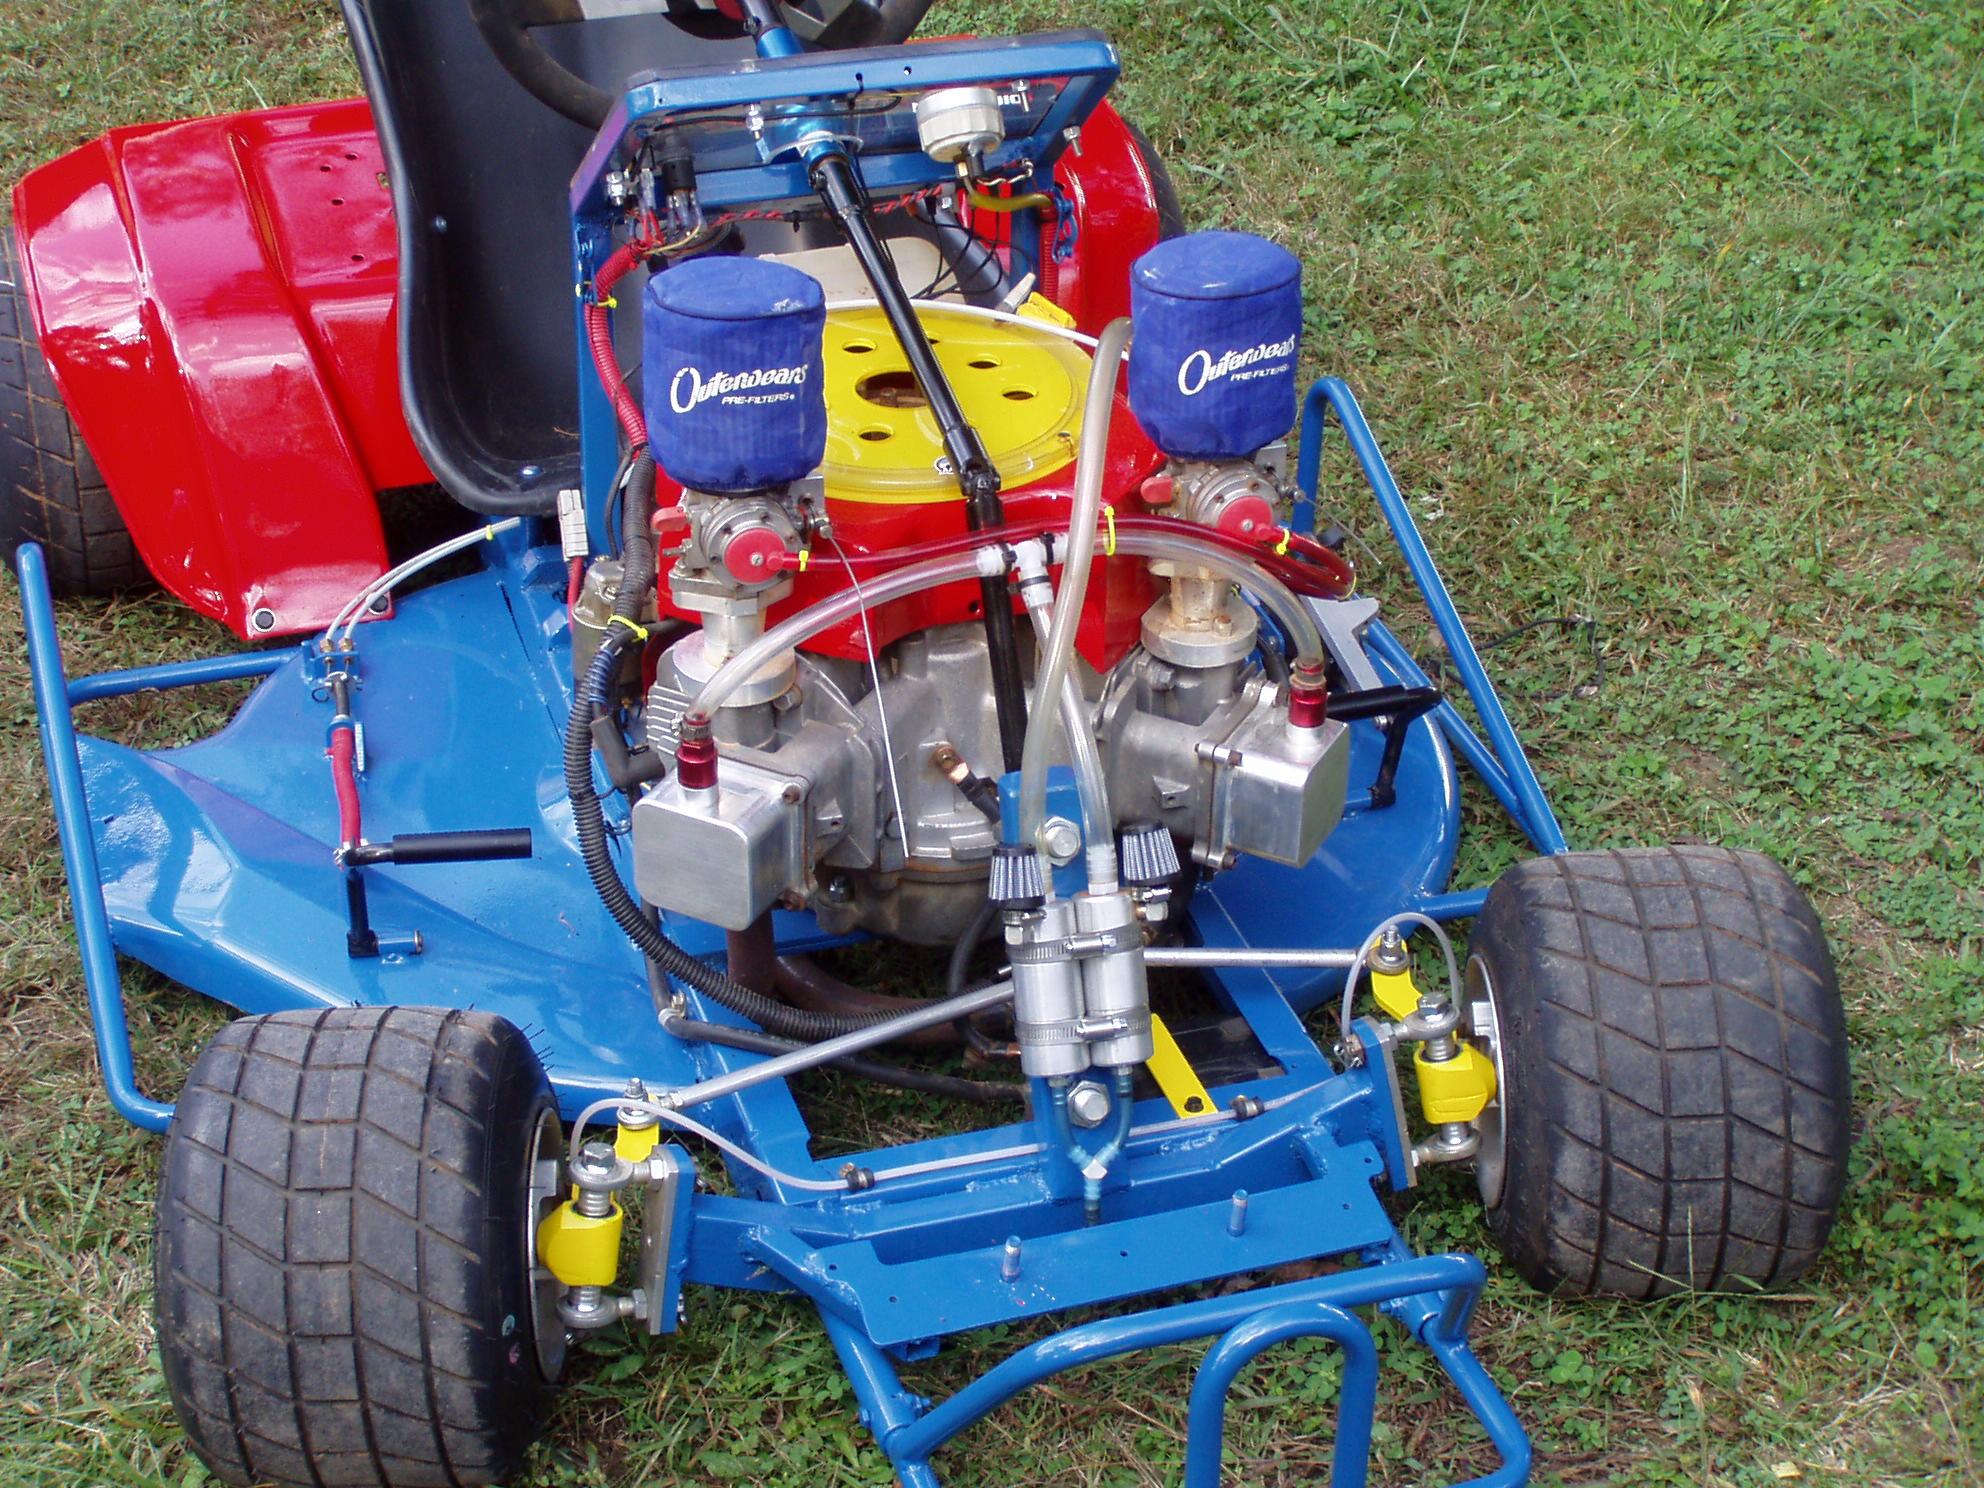 Lawn Mower Racing Inexpensive And Fun Mv Agusta Forum